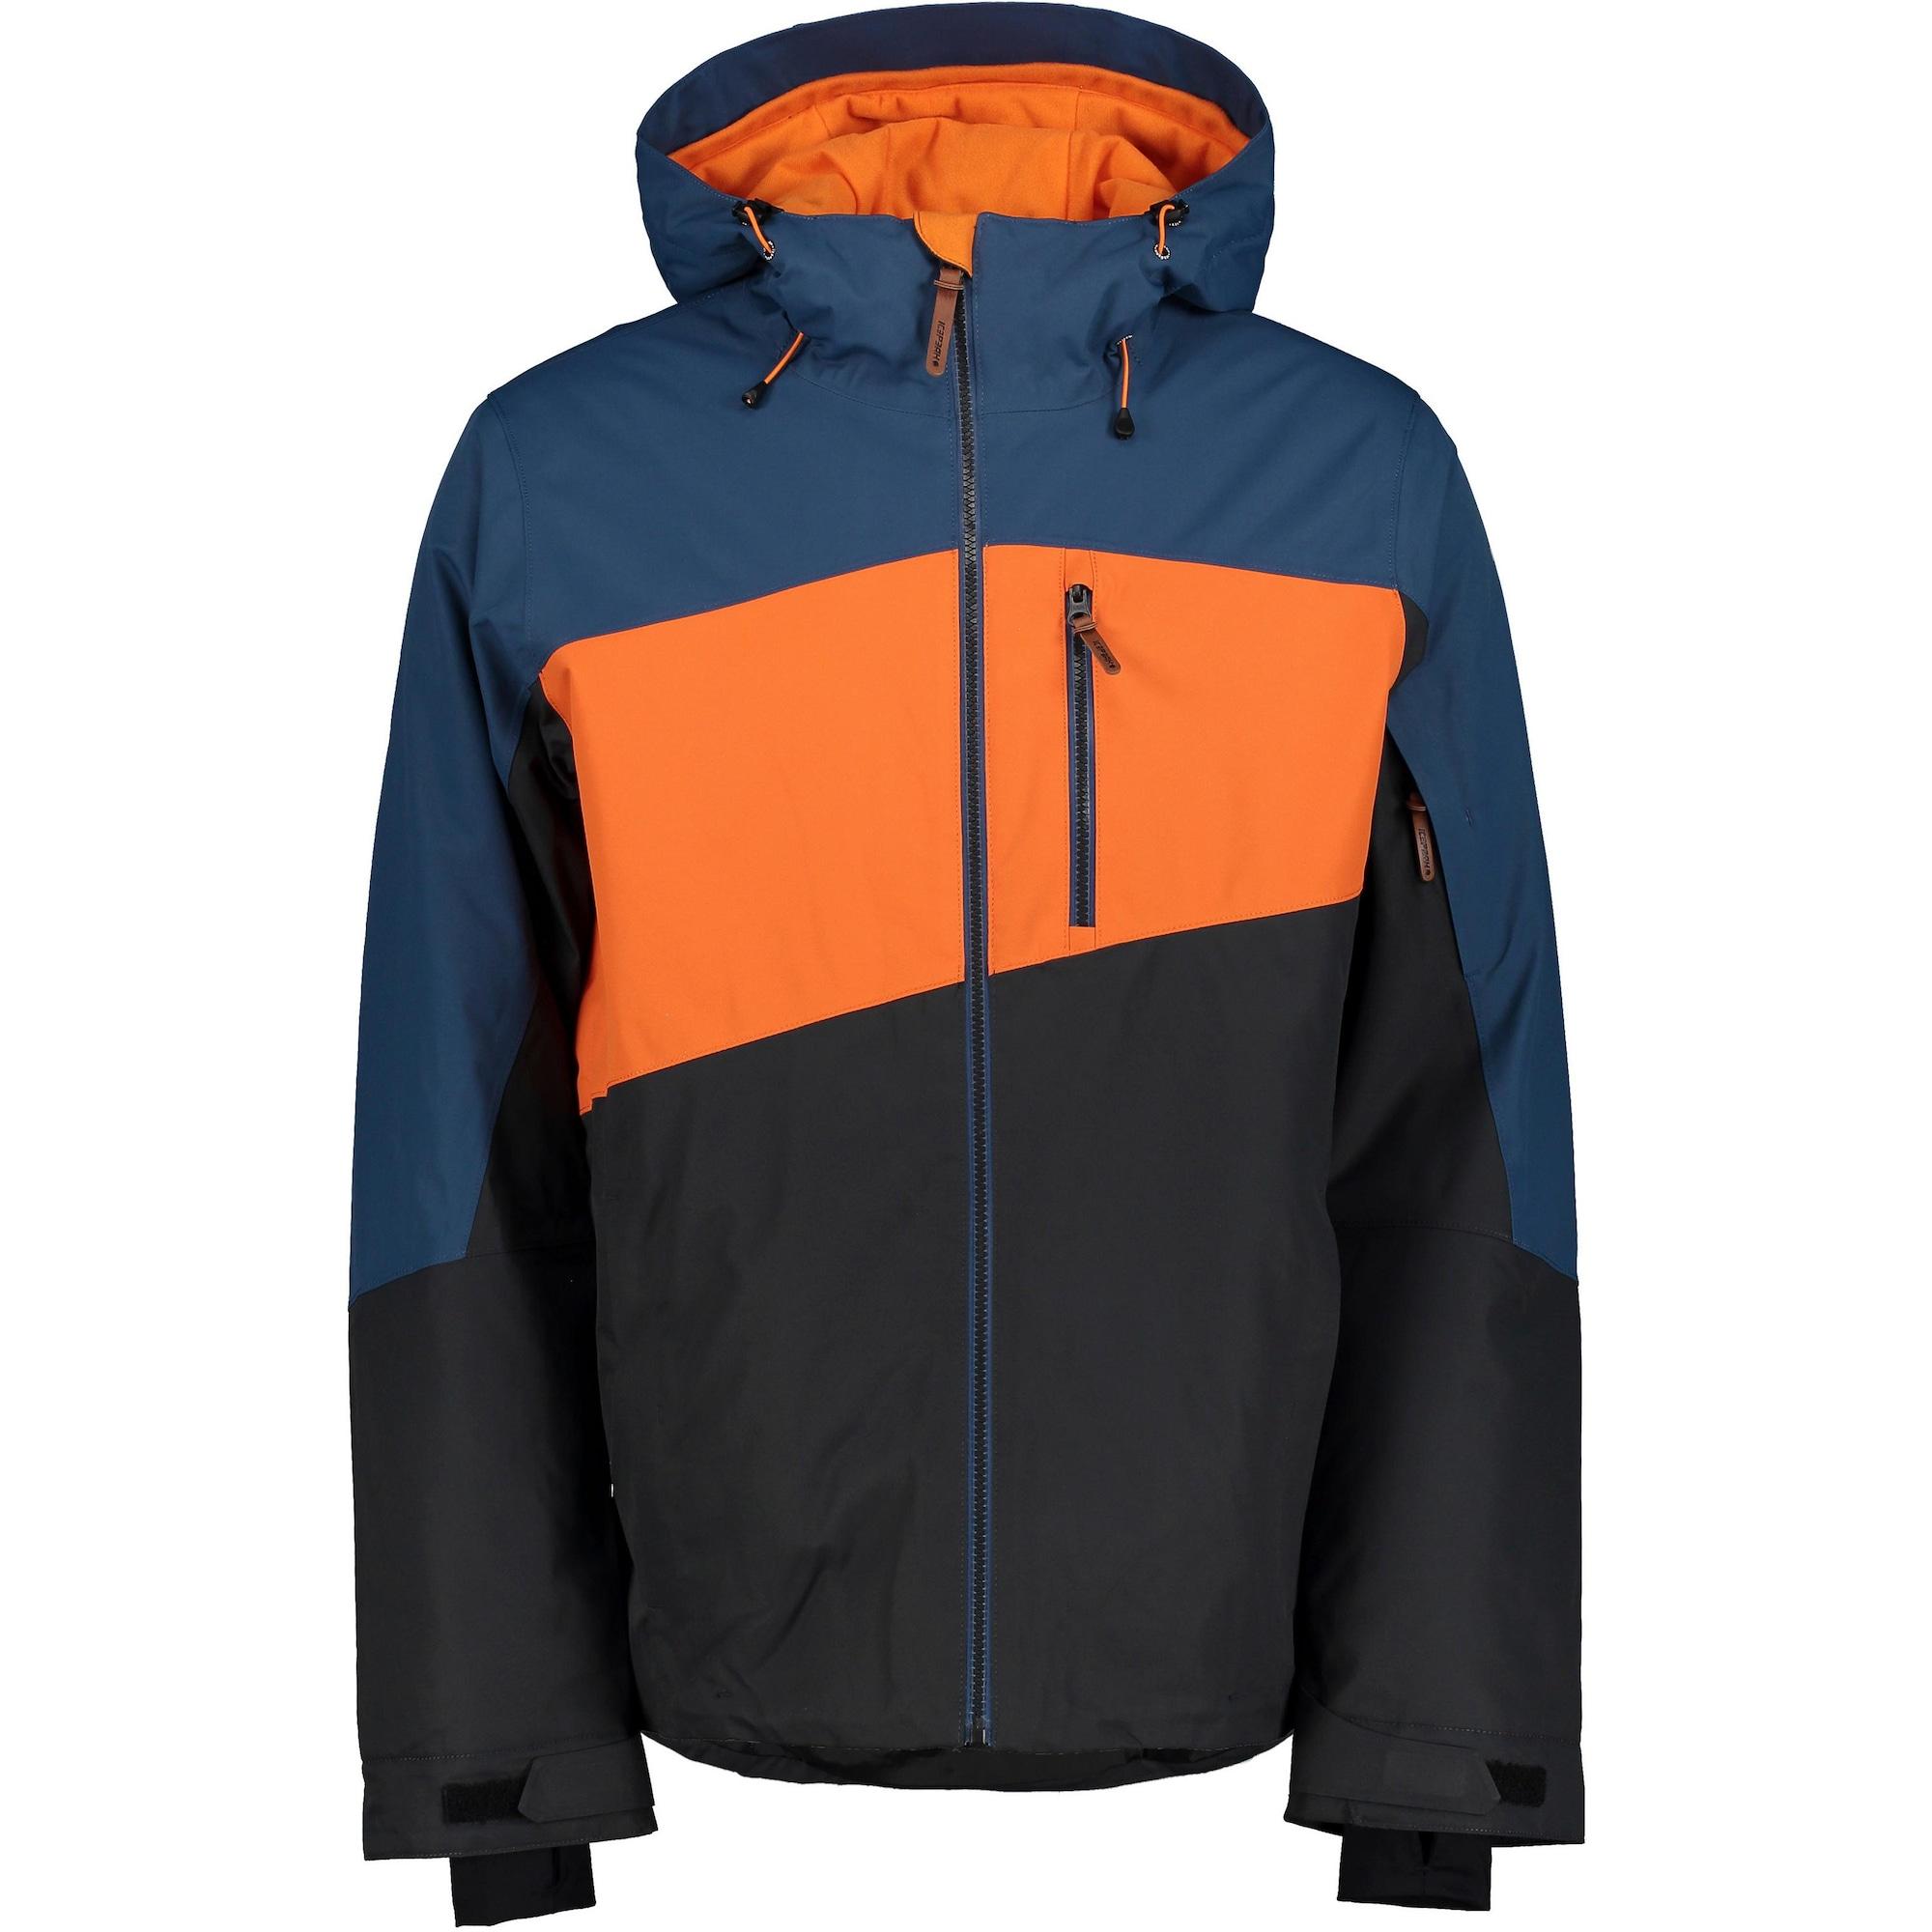 ICEPEAK Laisvalaikio striukė mėlyna / neoninė oranžinė / juoda